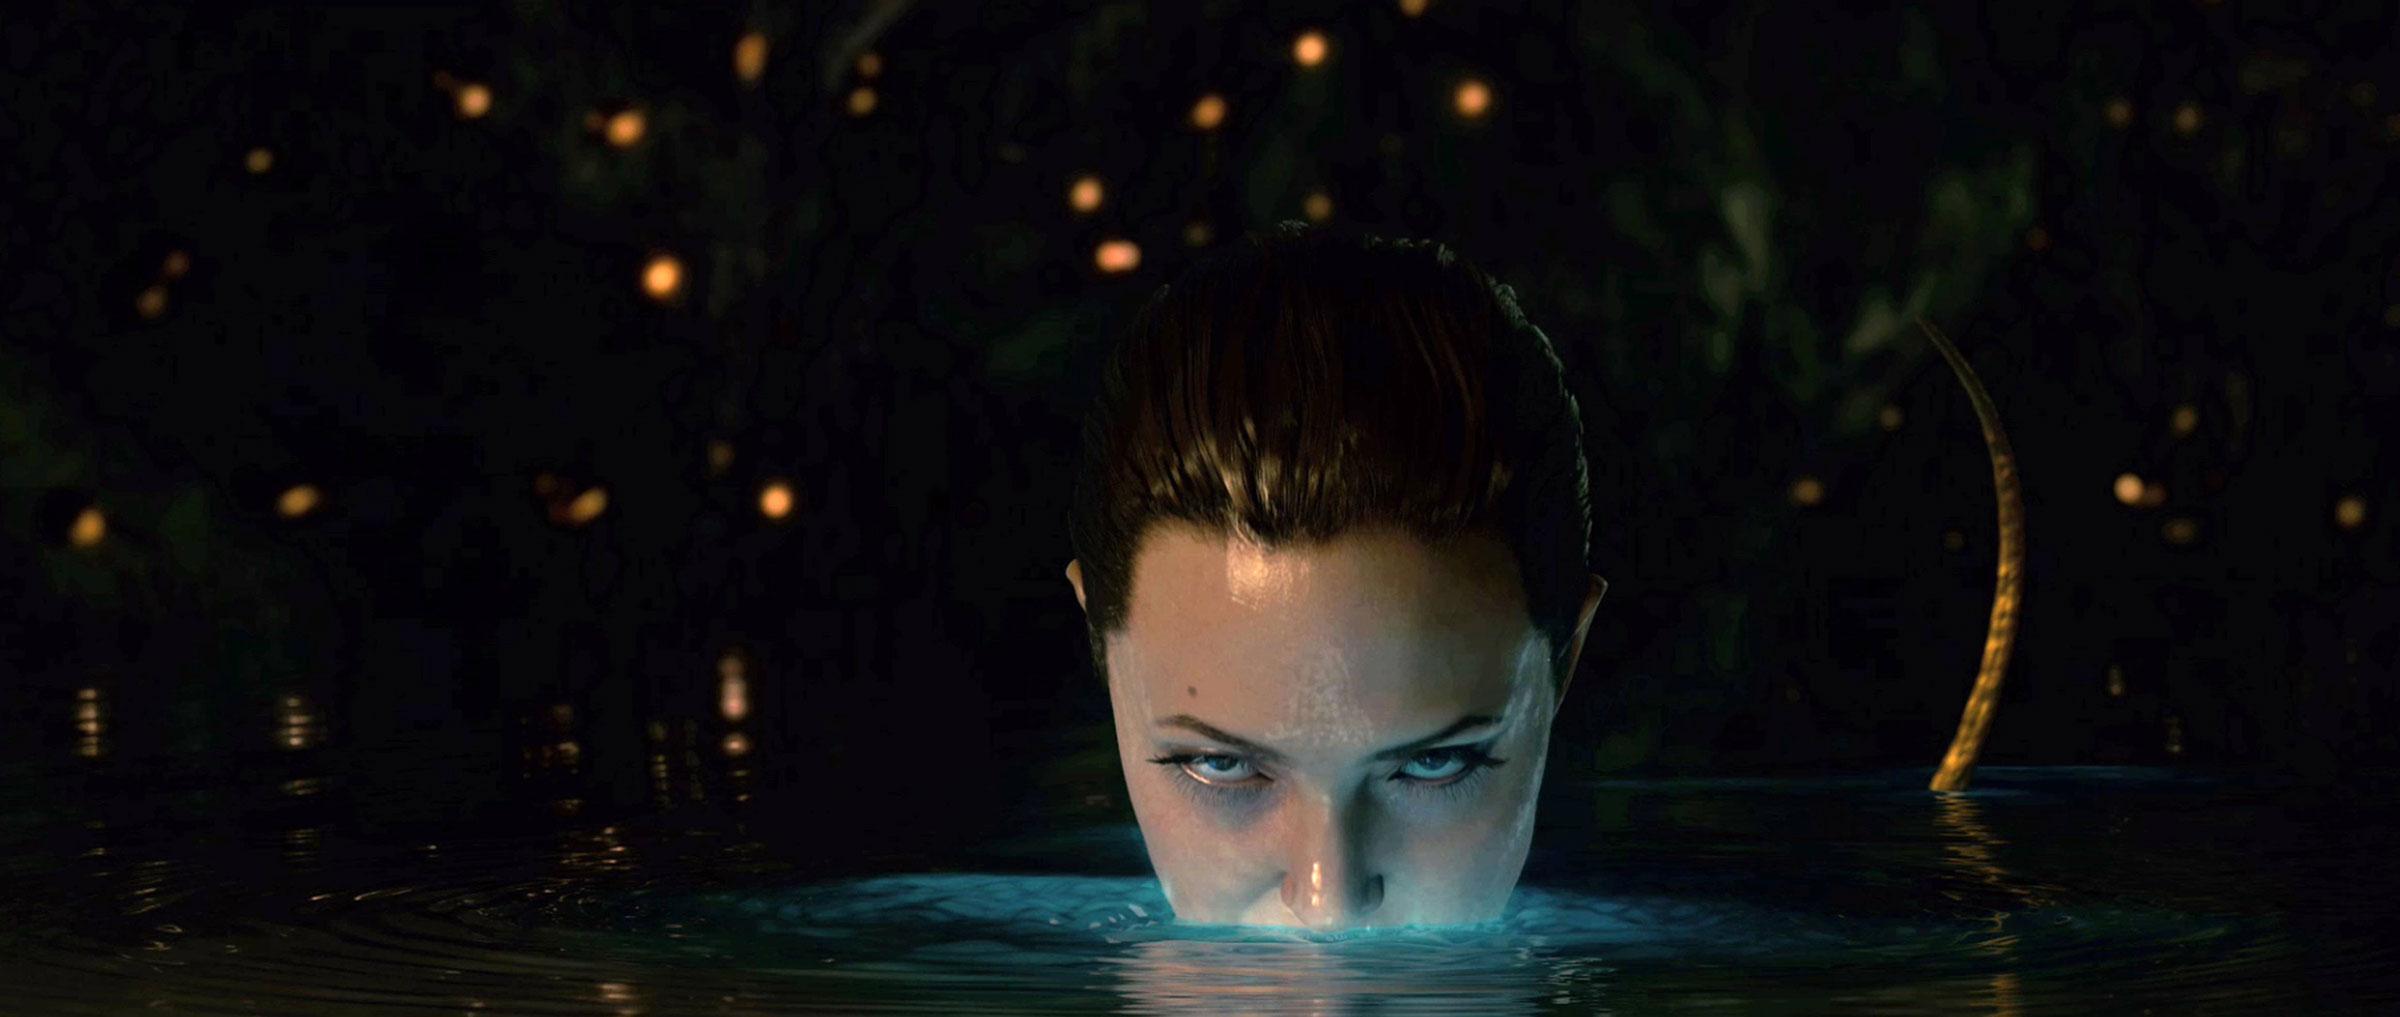 кадры из фильма Беовульф Анжелина Джоли,